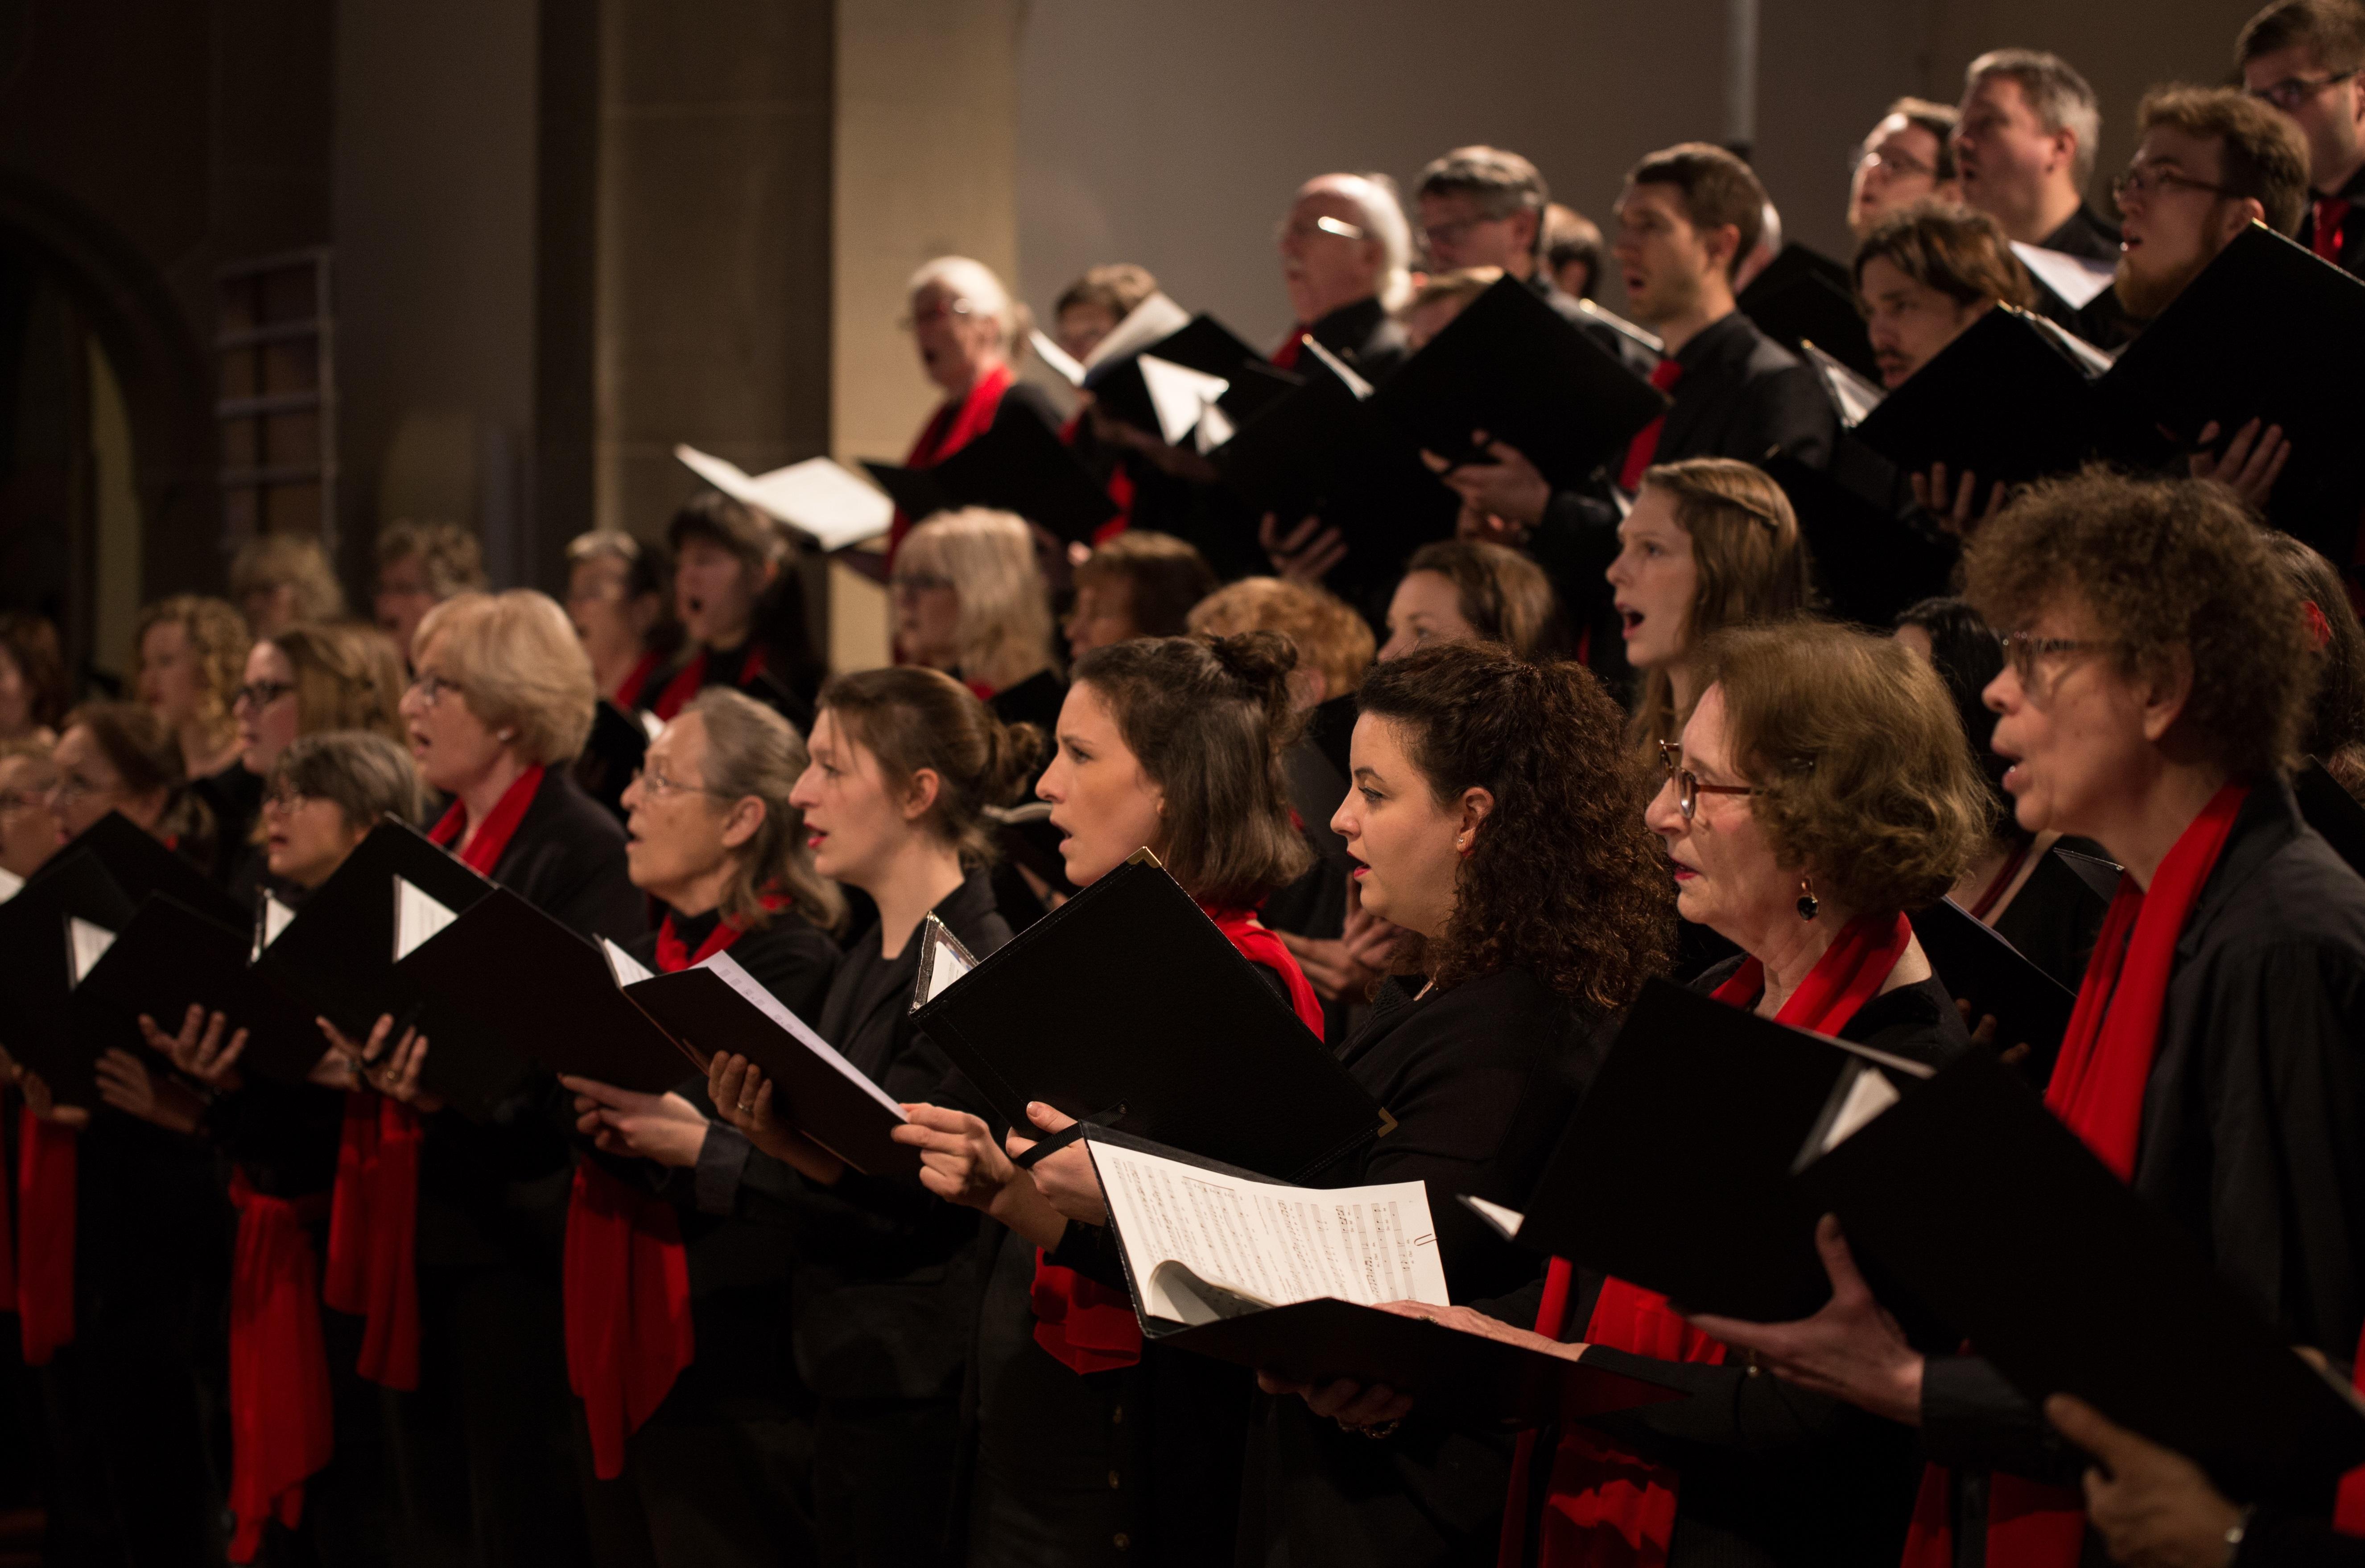 DREIKLANG – Herbstkonzert aller drei Chöre